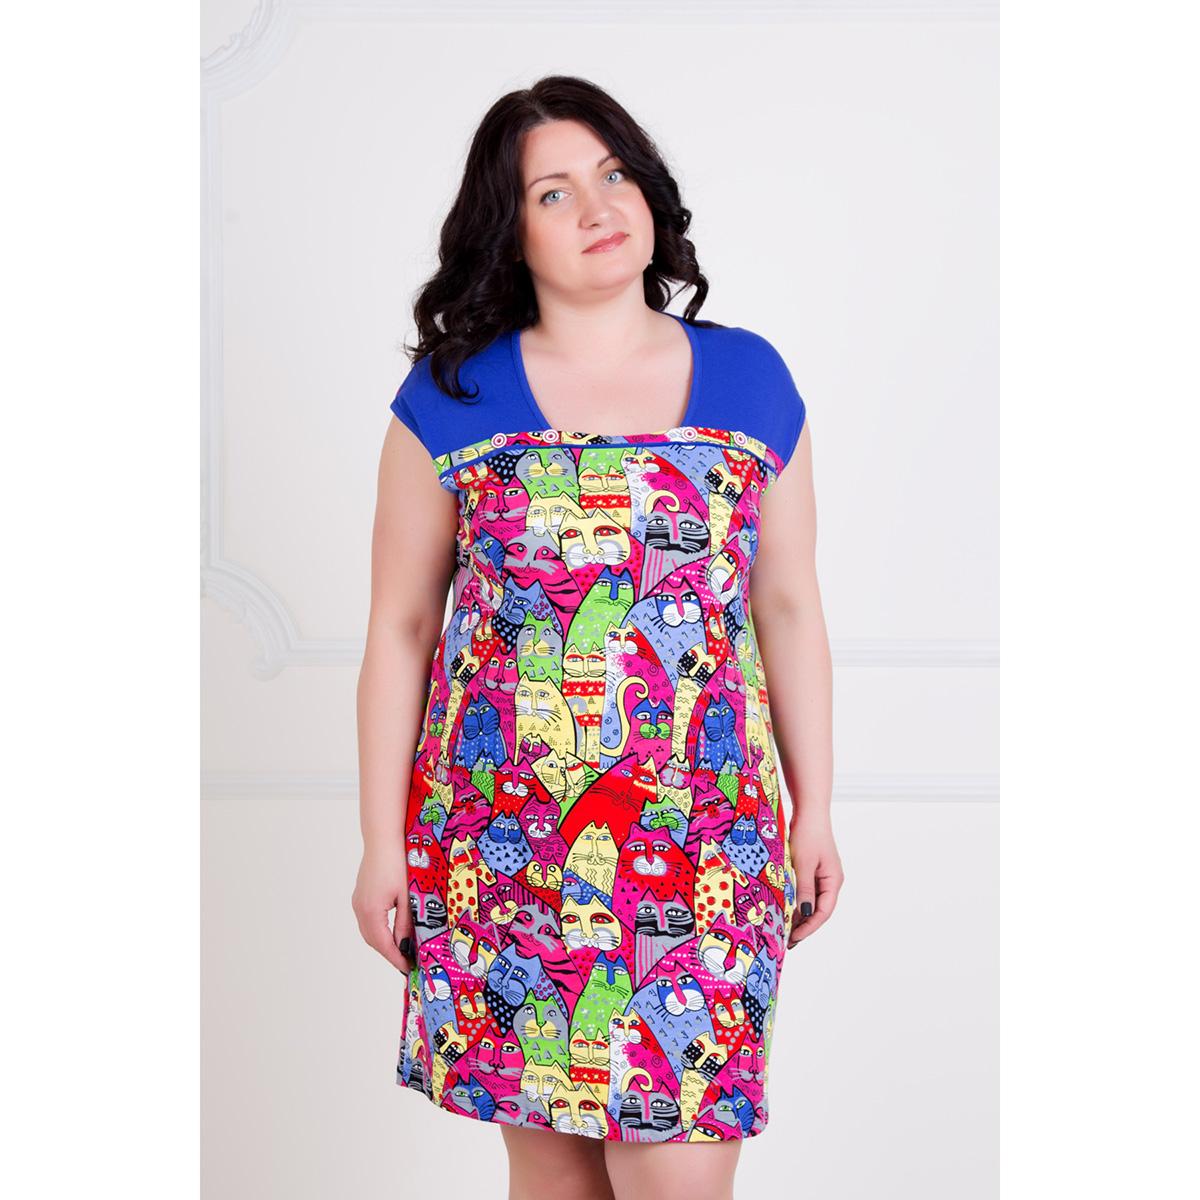 Жен. платье Забава Малиновый р. 44Платья<br>Обхват груди:88 см<br>Обхват талии:68 см<br>Обхват бедер:96 см<br>Длина по спинке:91 см<br>Рост:167 см<br><br>Тип: Жен. платье<br>Размер: 44<br>Материал: Кулирка